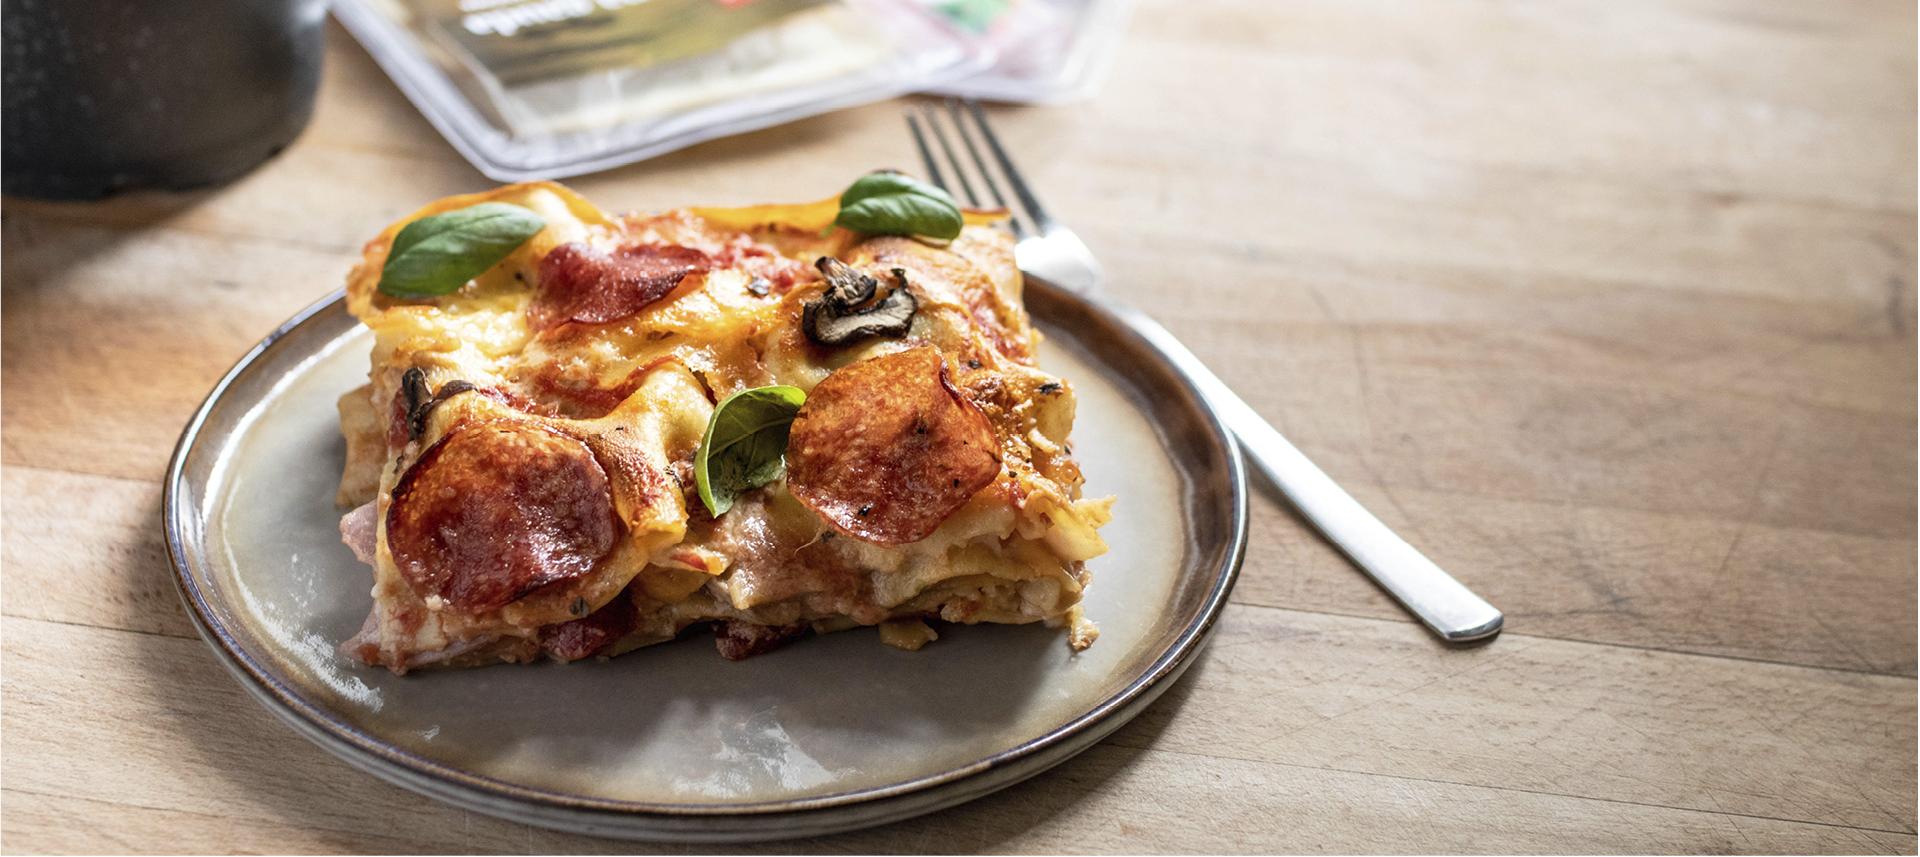 Pizza lazanje.jpg